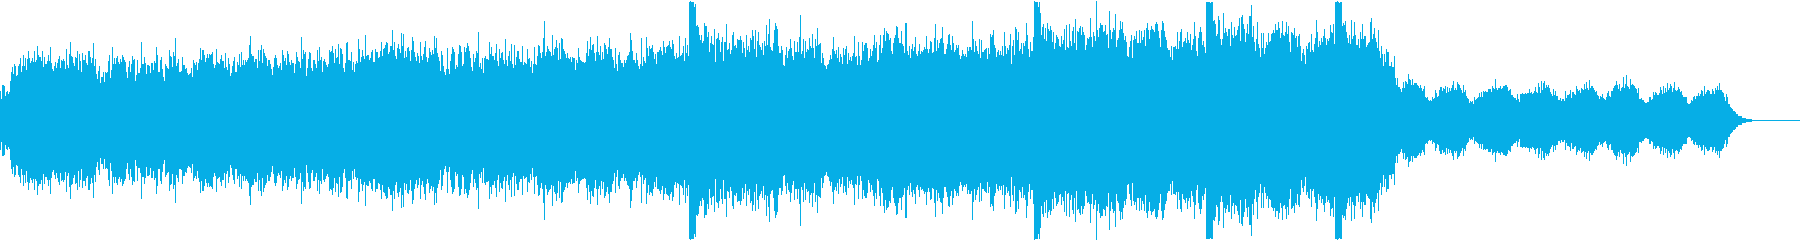 宇宙的壮大なシンセサウンドですの再生済みの波形